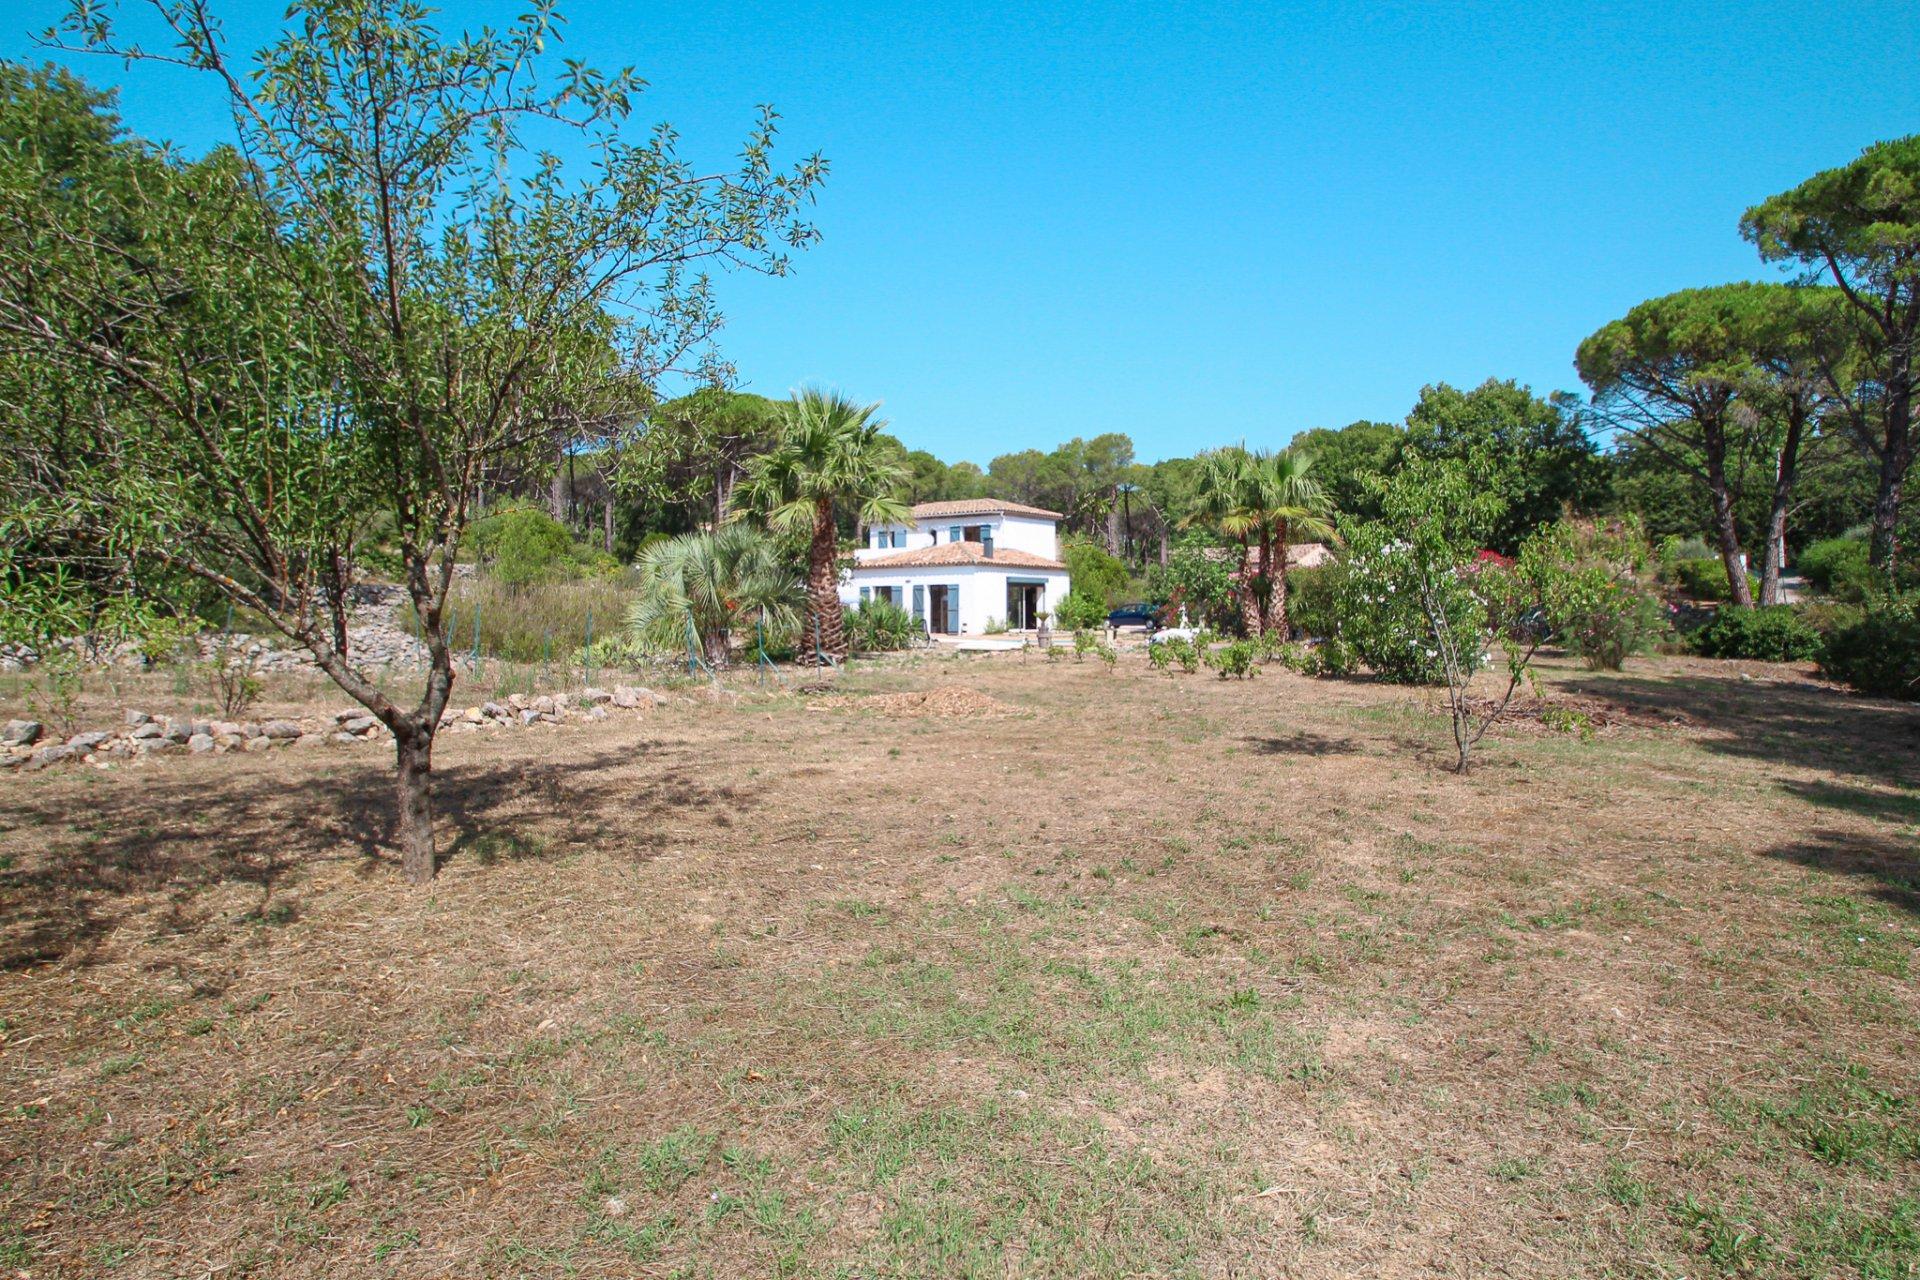 Villa ruim opgezet en zonnig op groot grondstuk